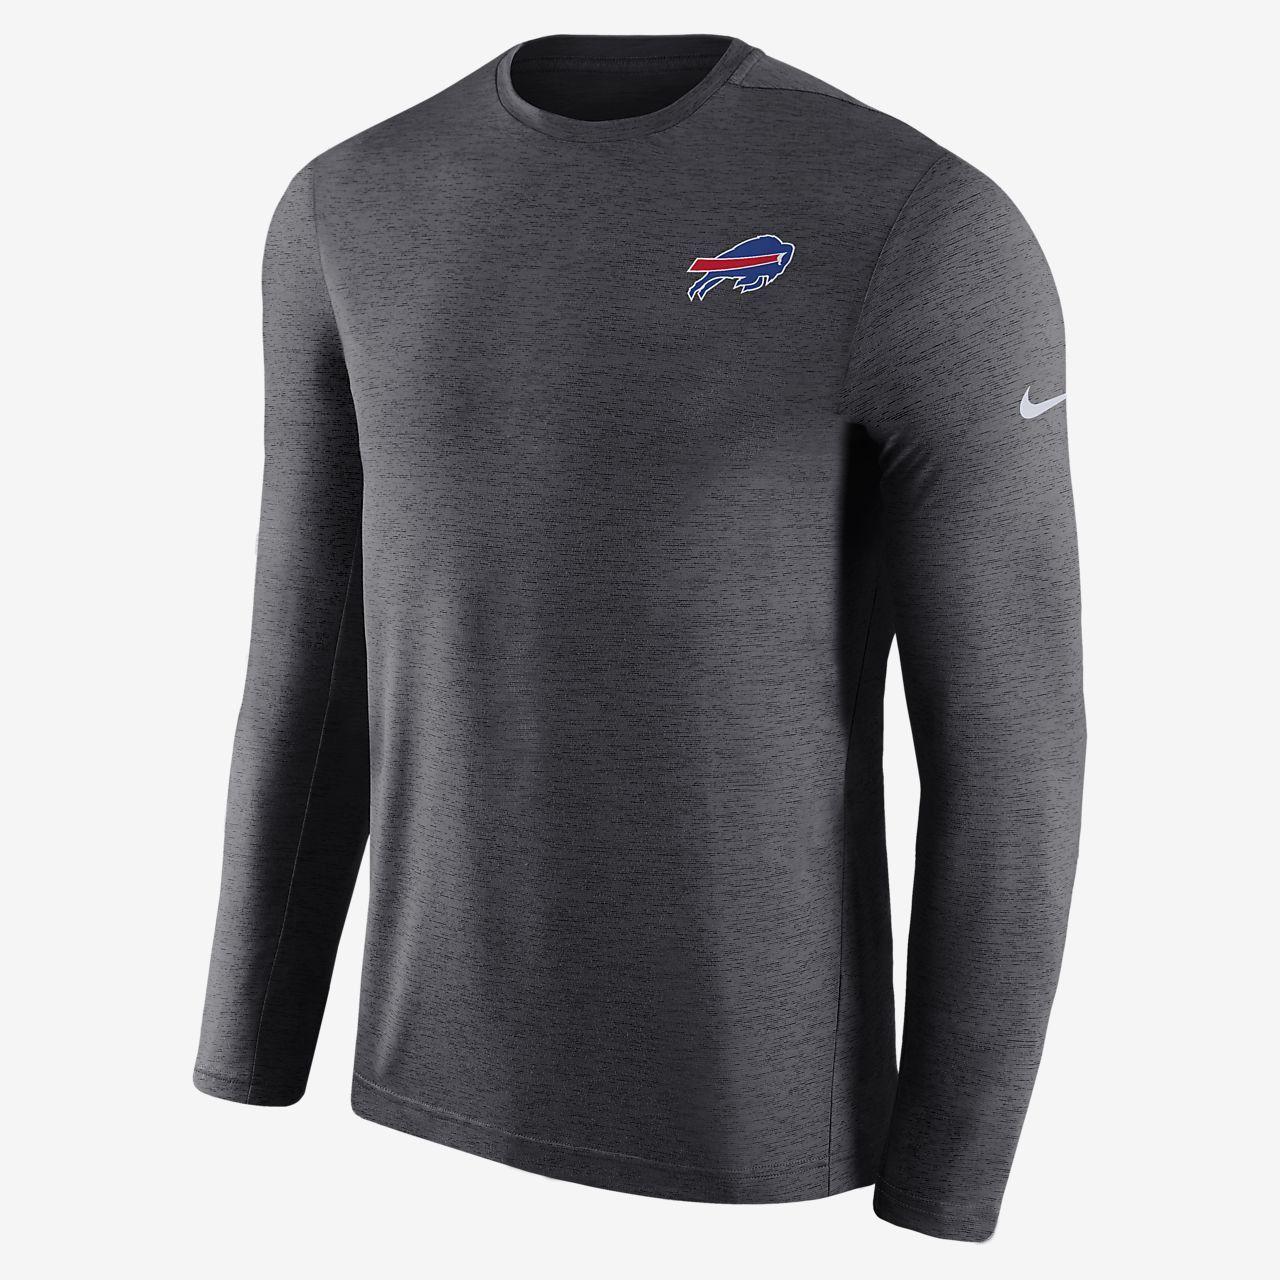 1c06df9b5557 Nike Dri-Fit Coach (Nfl Bills) Men s Short Sleeve Football Top - 3XL ...